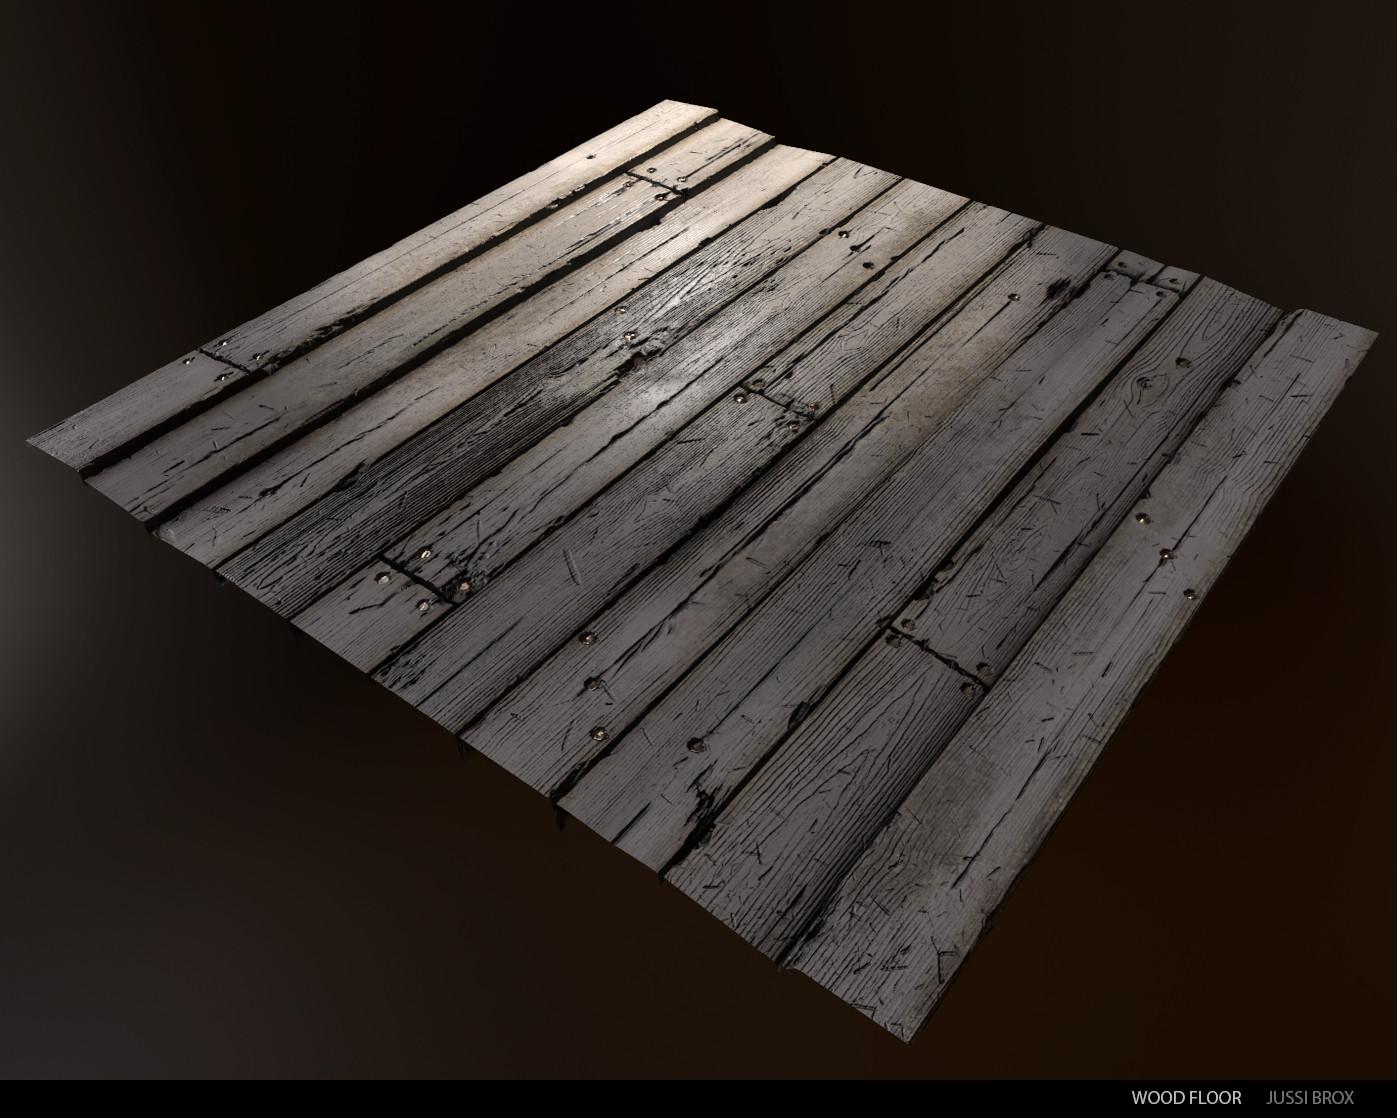 Wood study - Floor planks